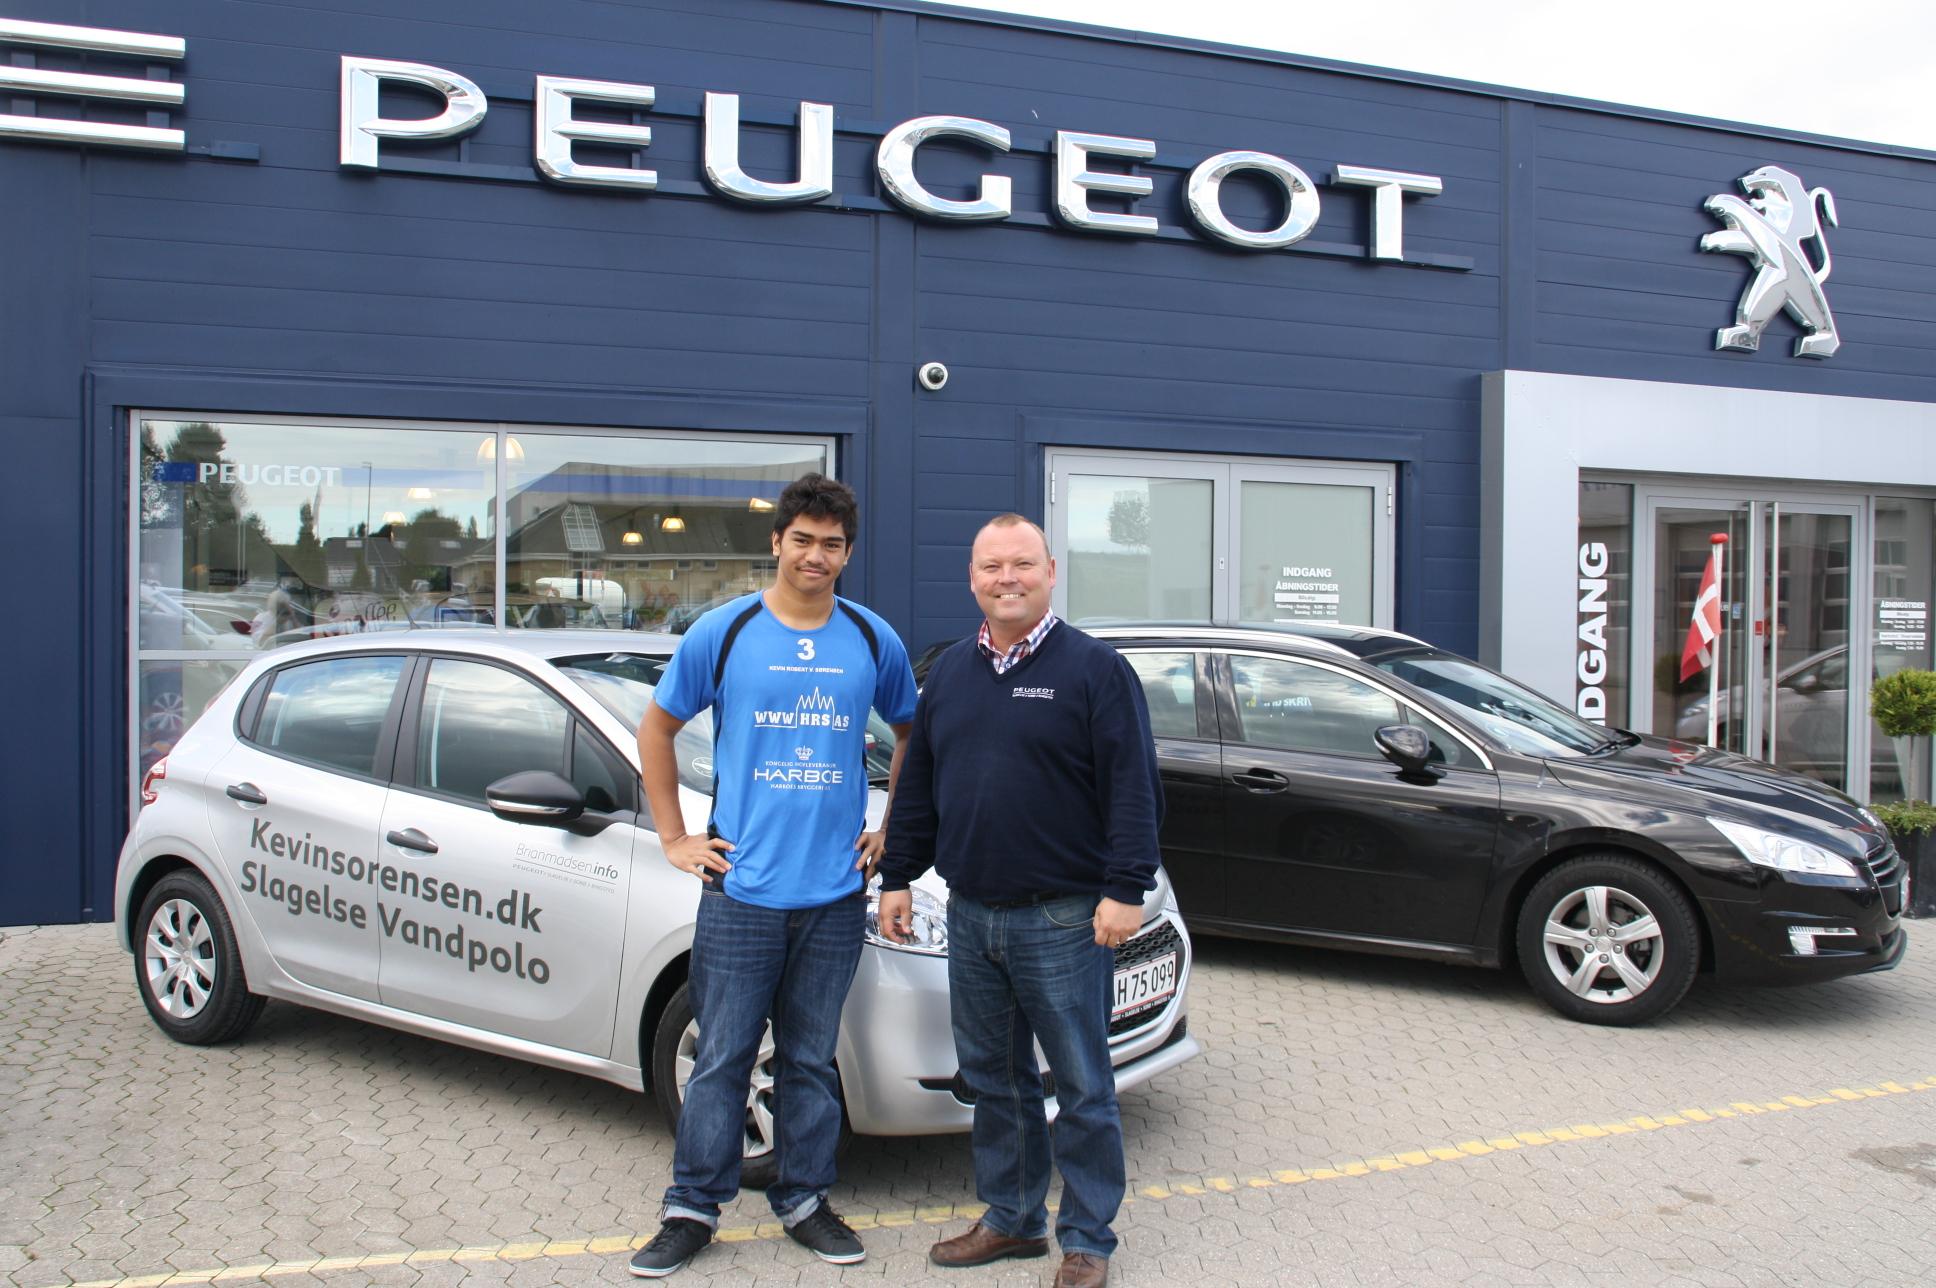 Peugeot i Slagelse er sponsor for vandpolospiller Kevin Sørensen